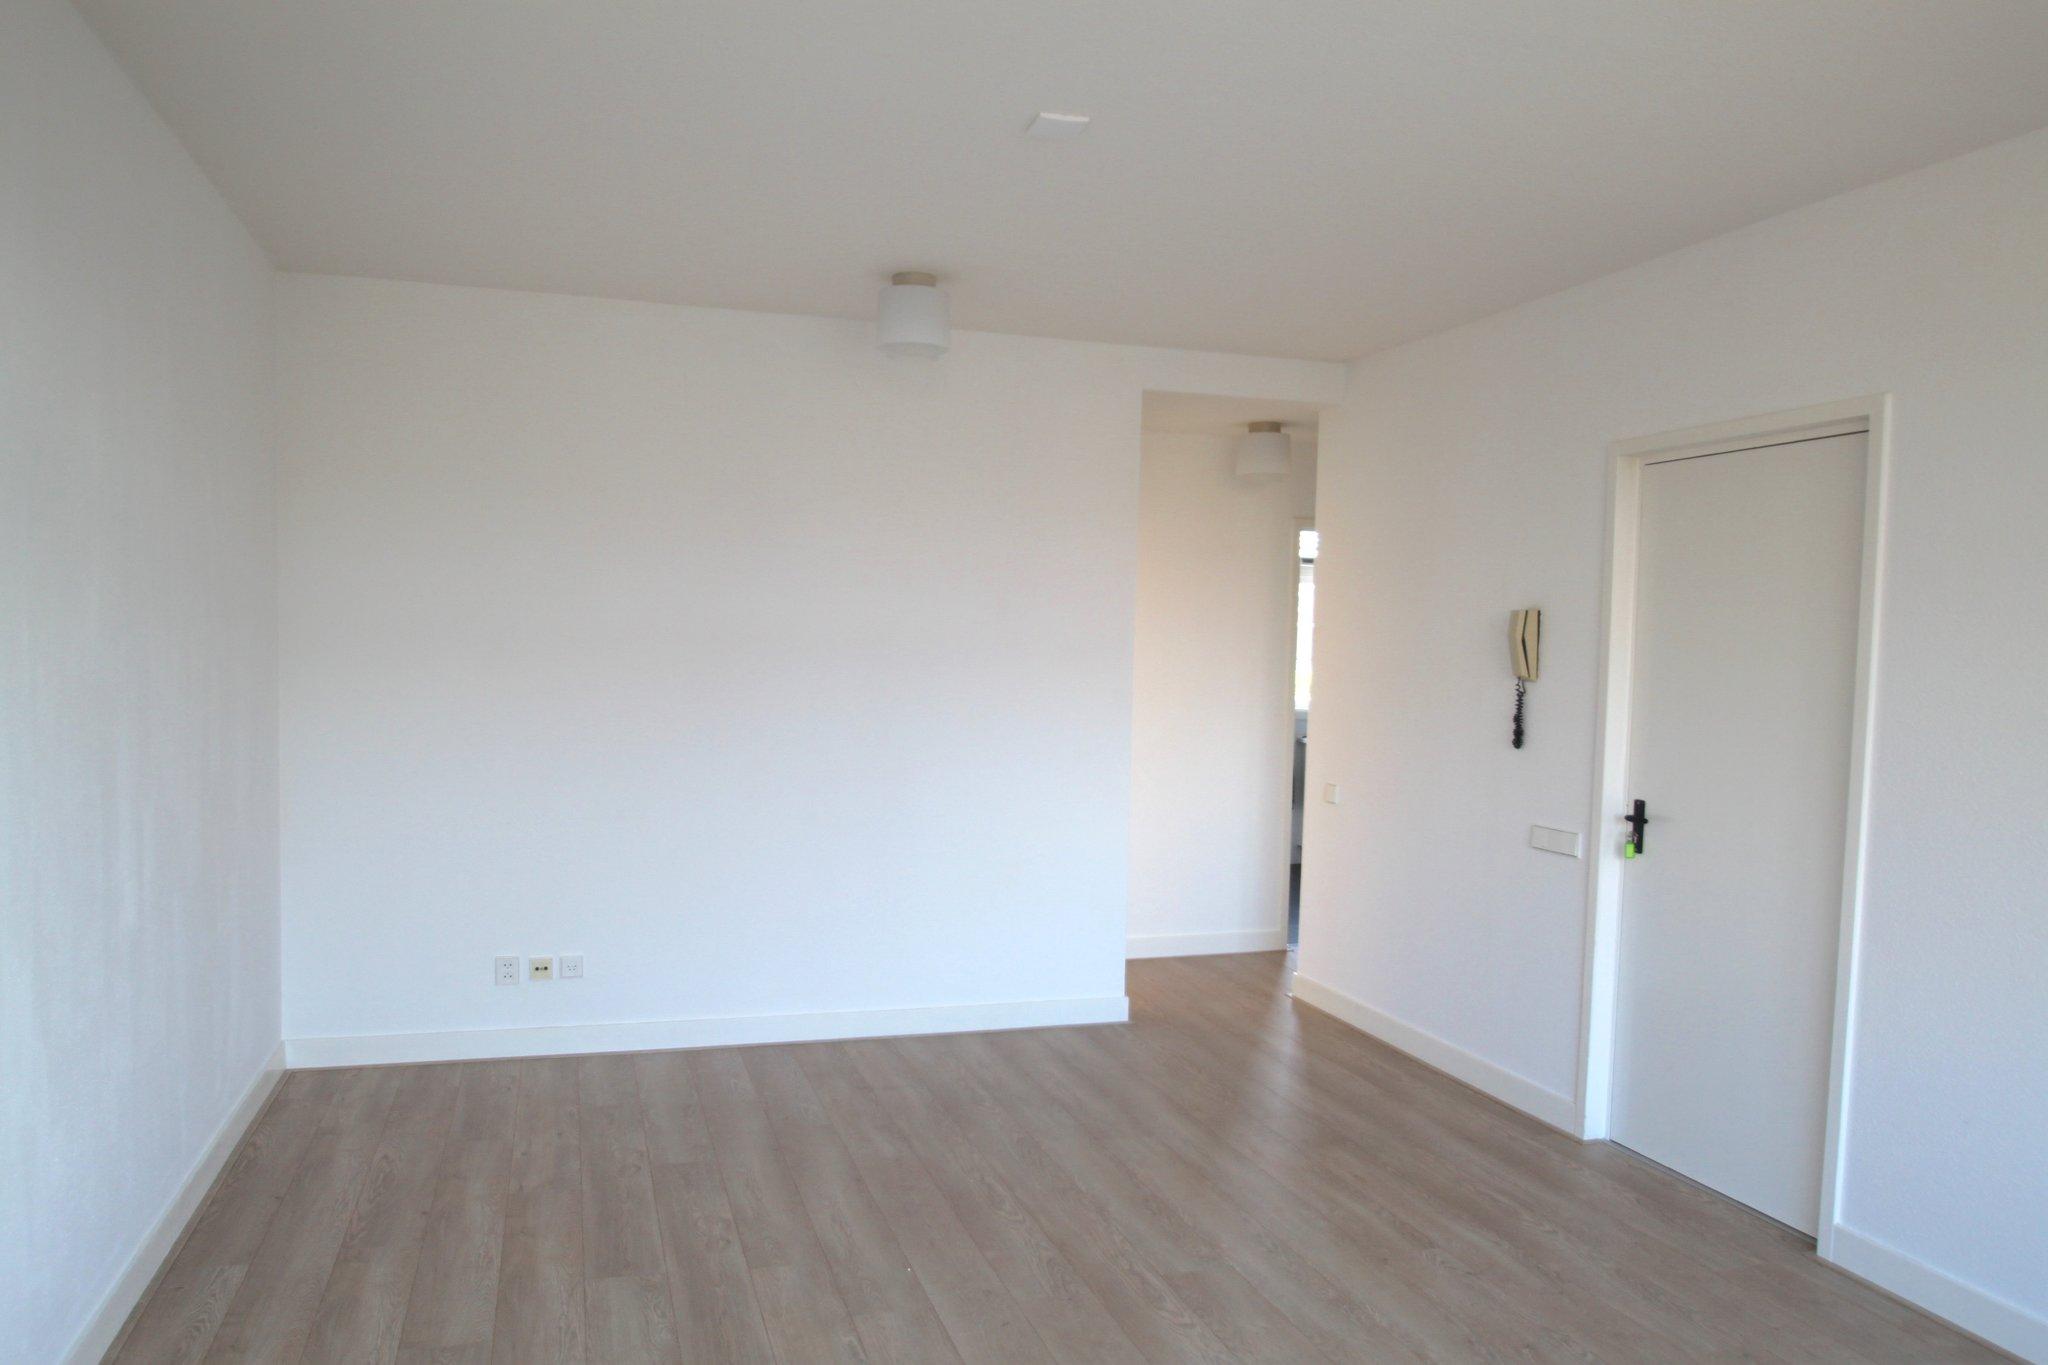 Te huur : Appartement Regentesselaan 38 in Haarlem